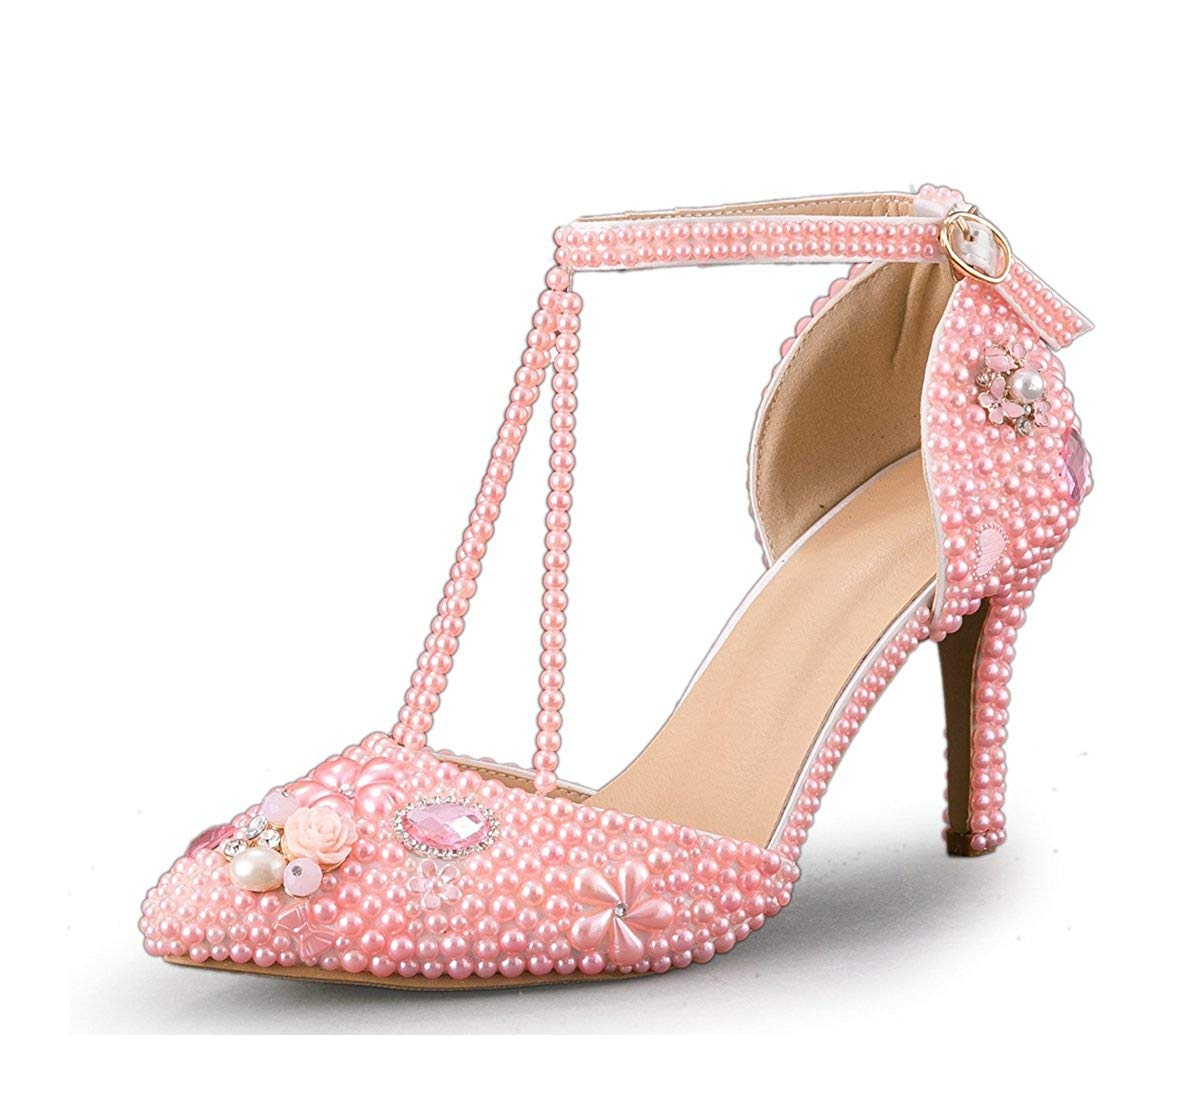 ZHRUI Damen T-Strap Perle Perlen Braut Rosa Hochzeit Performance Schuhe UK 3.5 (Farbe   -, Größe   -)